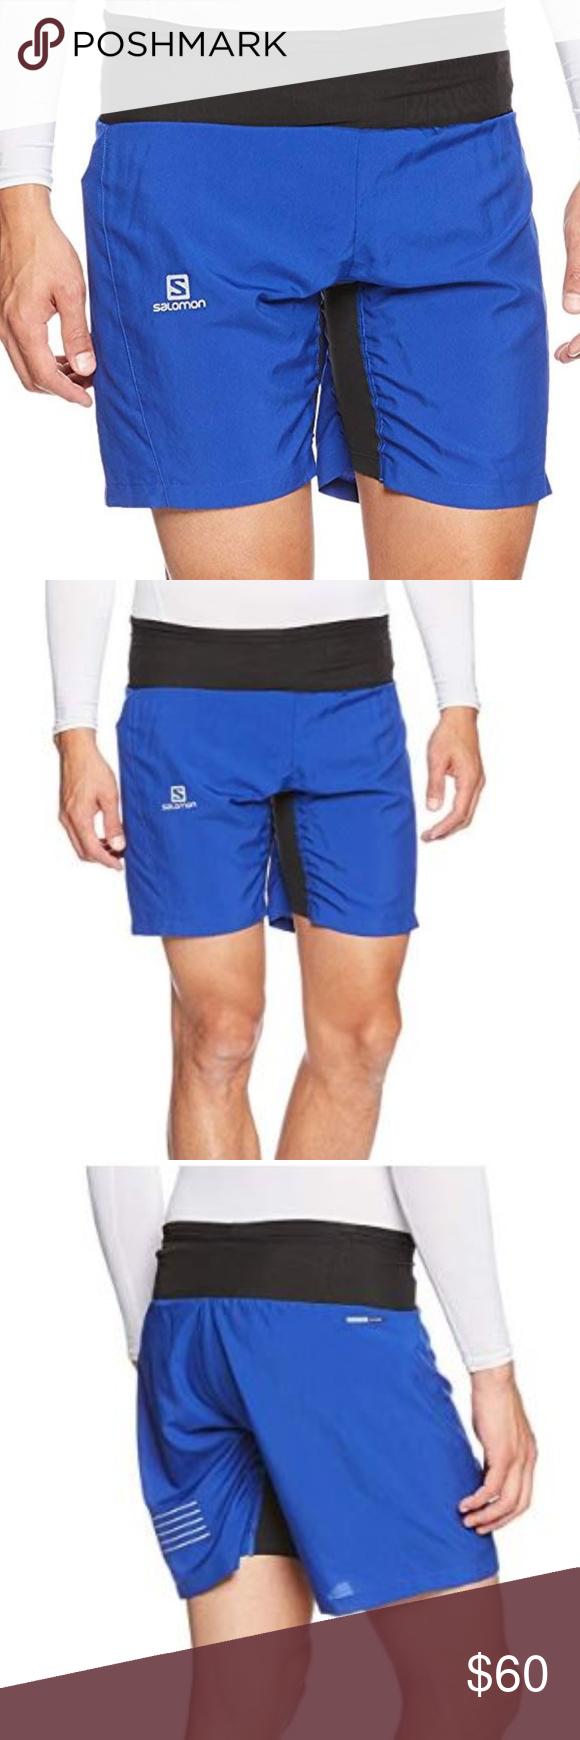 Großhandelsverkauf damen Turnschuhe für billige Salomon Trail Runner Men's Twinskin Short, M New without ...